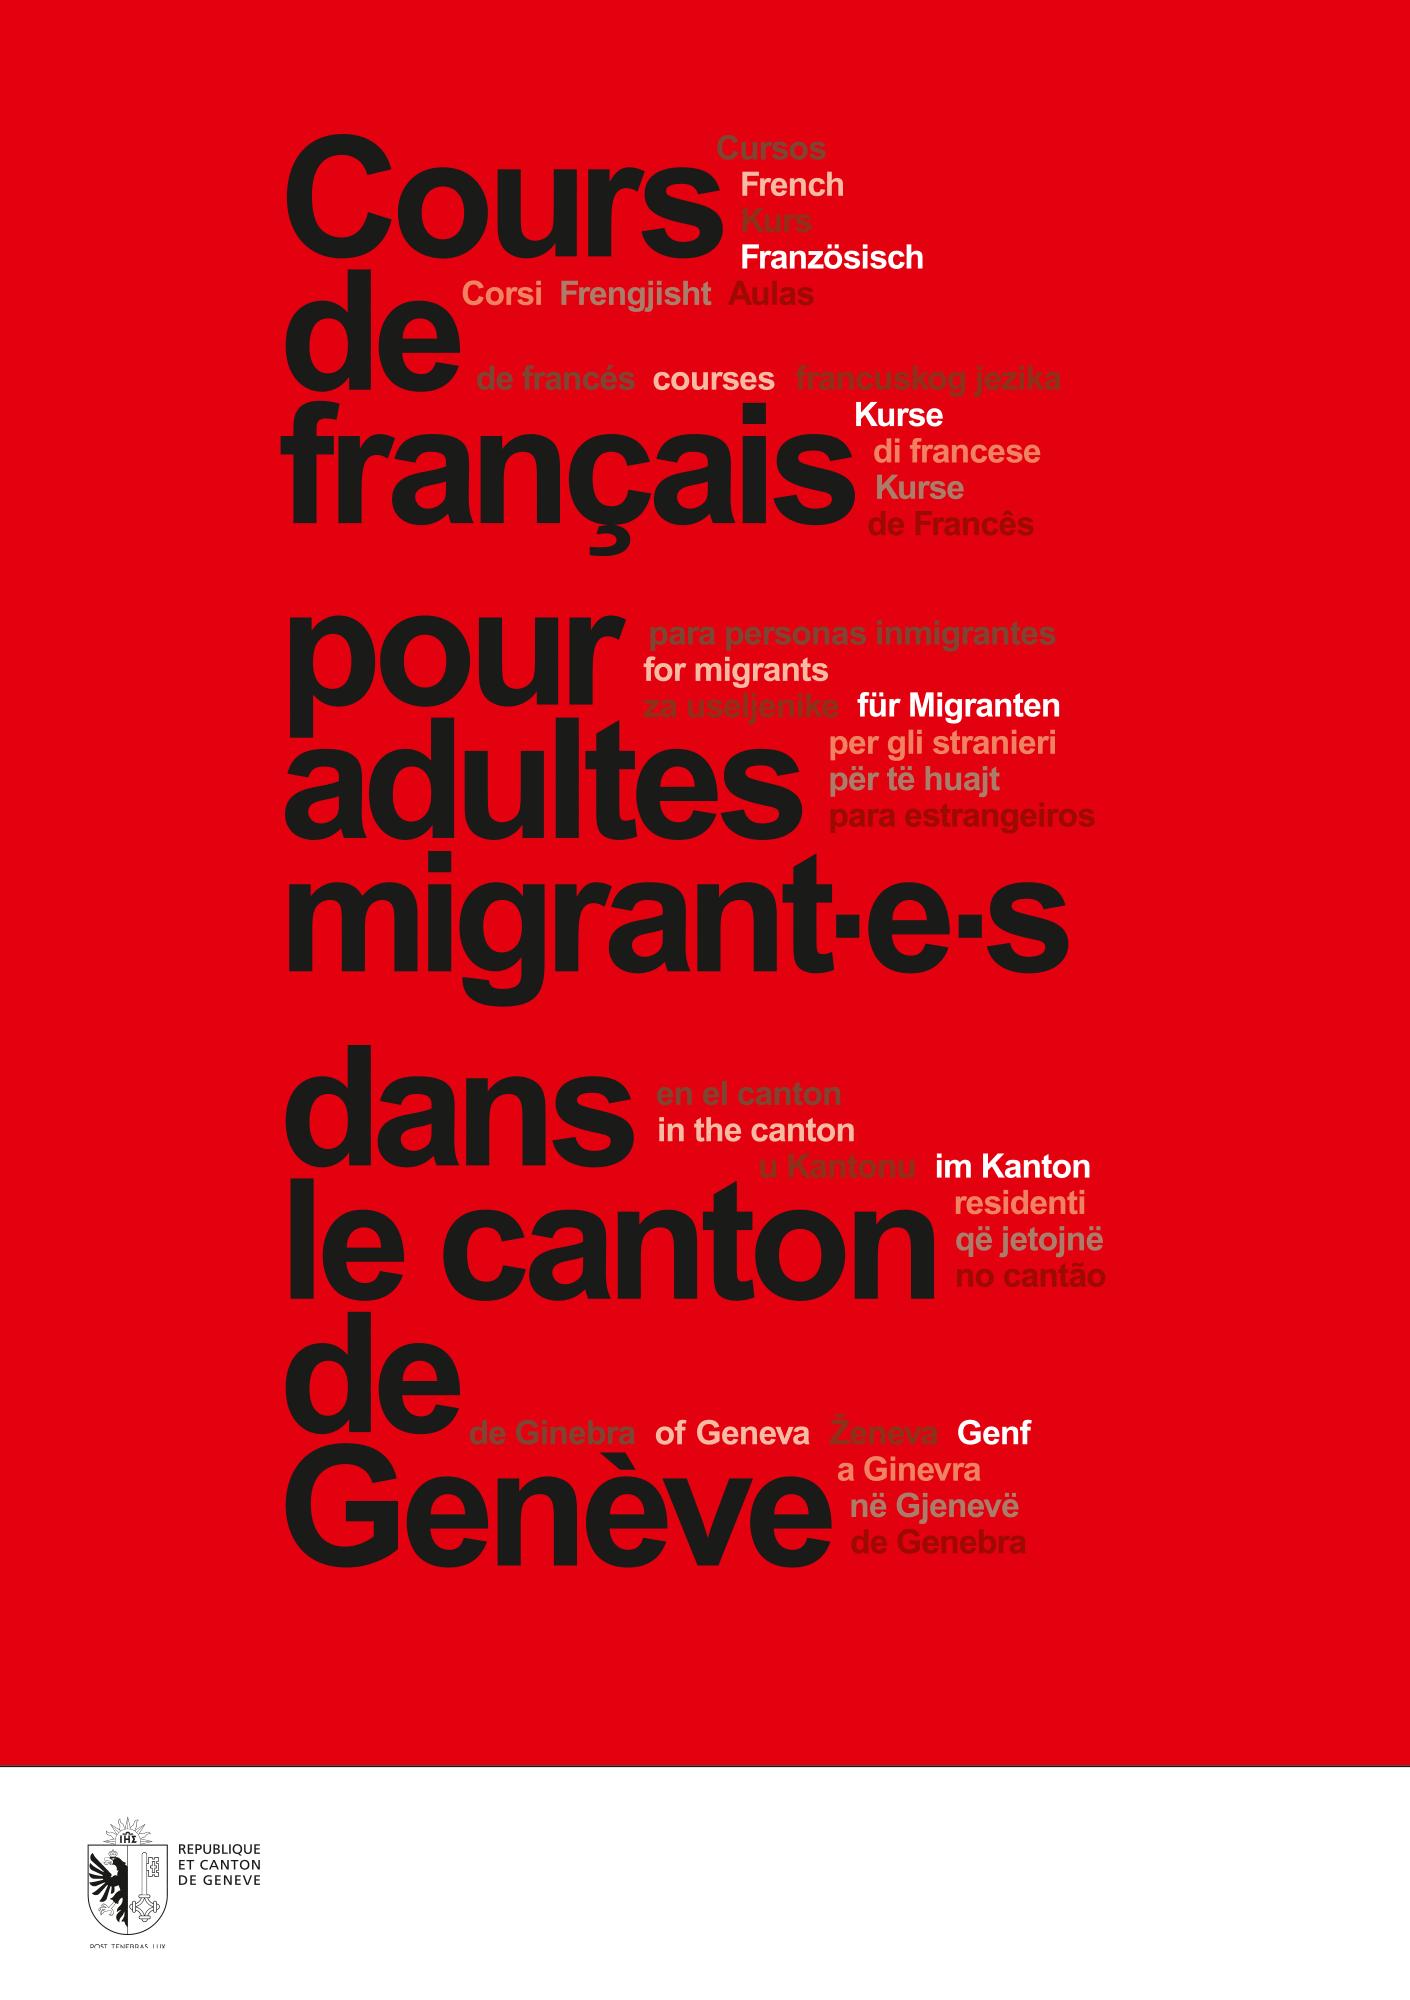 Brochure qui recense les cours de français canton de Genève.